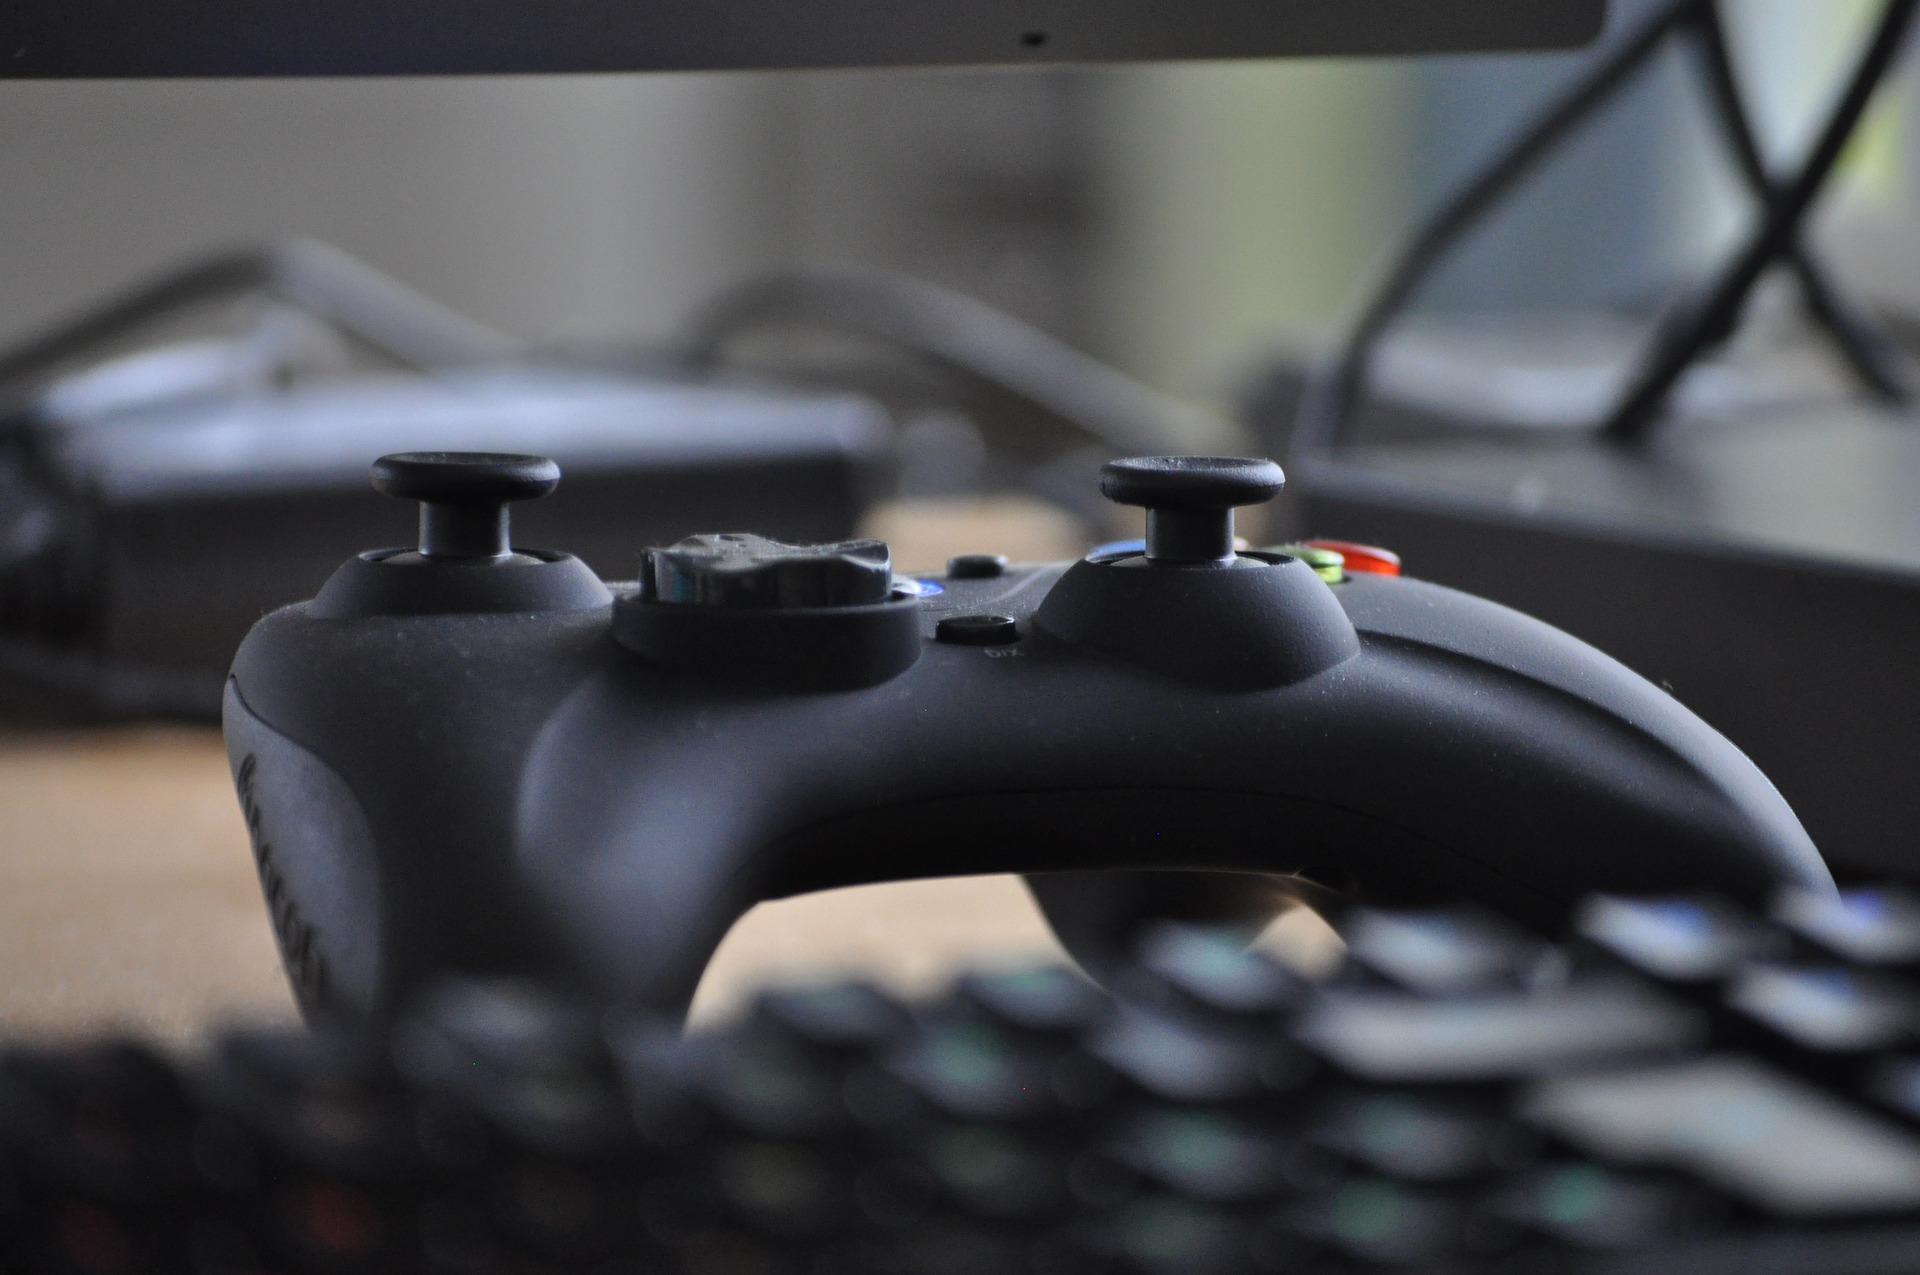 Gaming Controller Razer Ps4 - Das beste für dich!